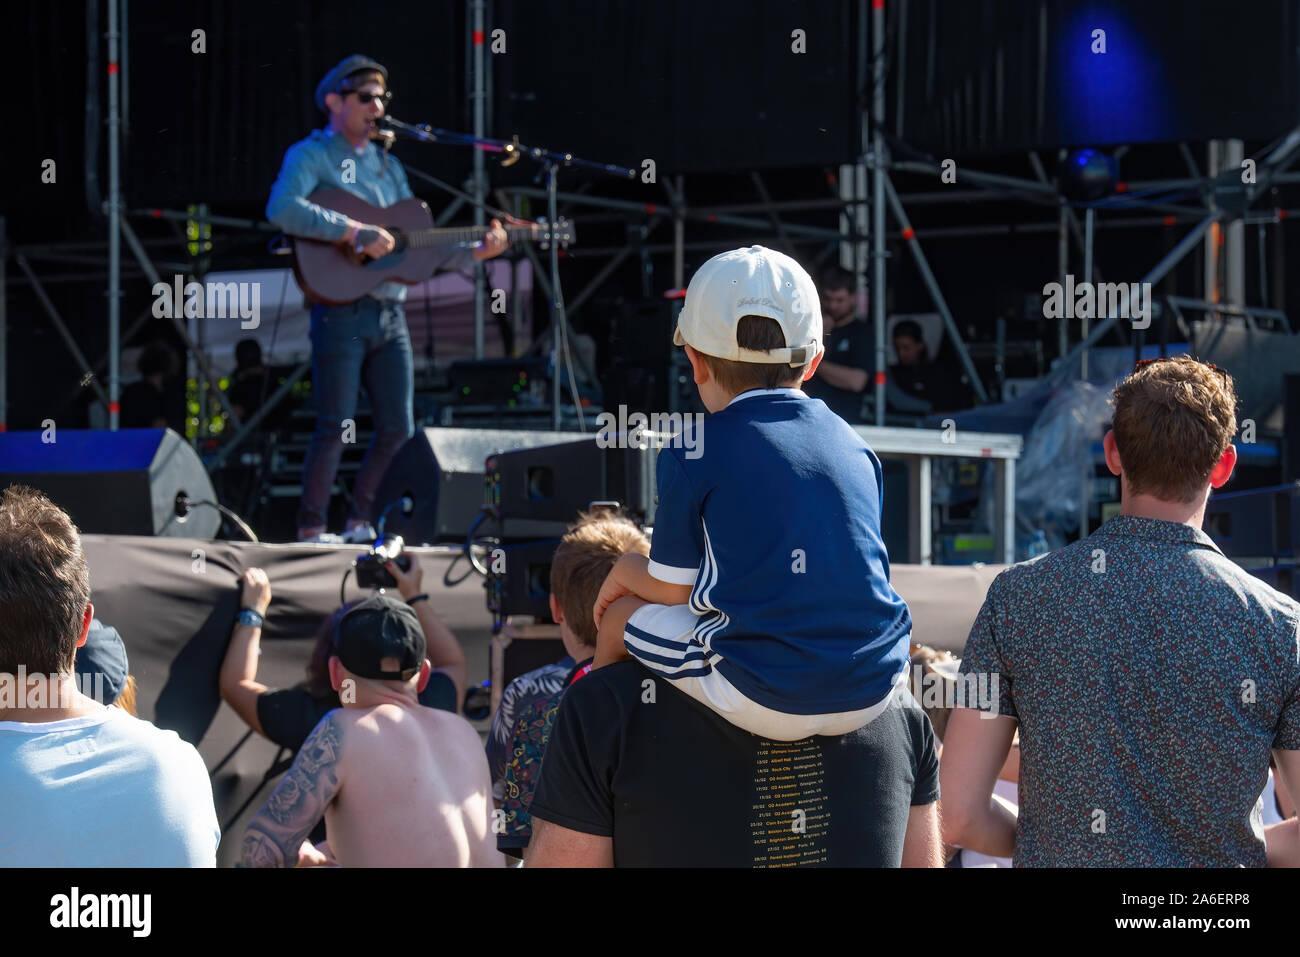 MADRID - SEP 7 : un enfant assis sur les épaules de son père dans un concert au Dcode Music Festival le 7 septembre 2019 à Madrid, Espagne. Banque D'Images